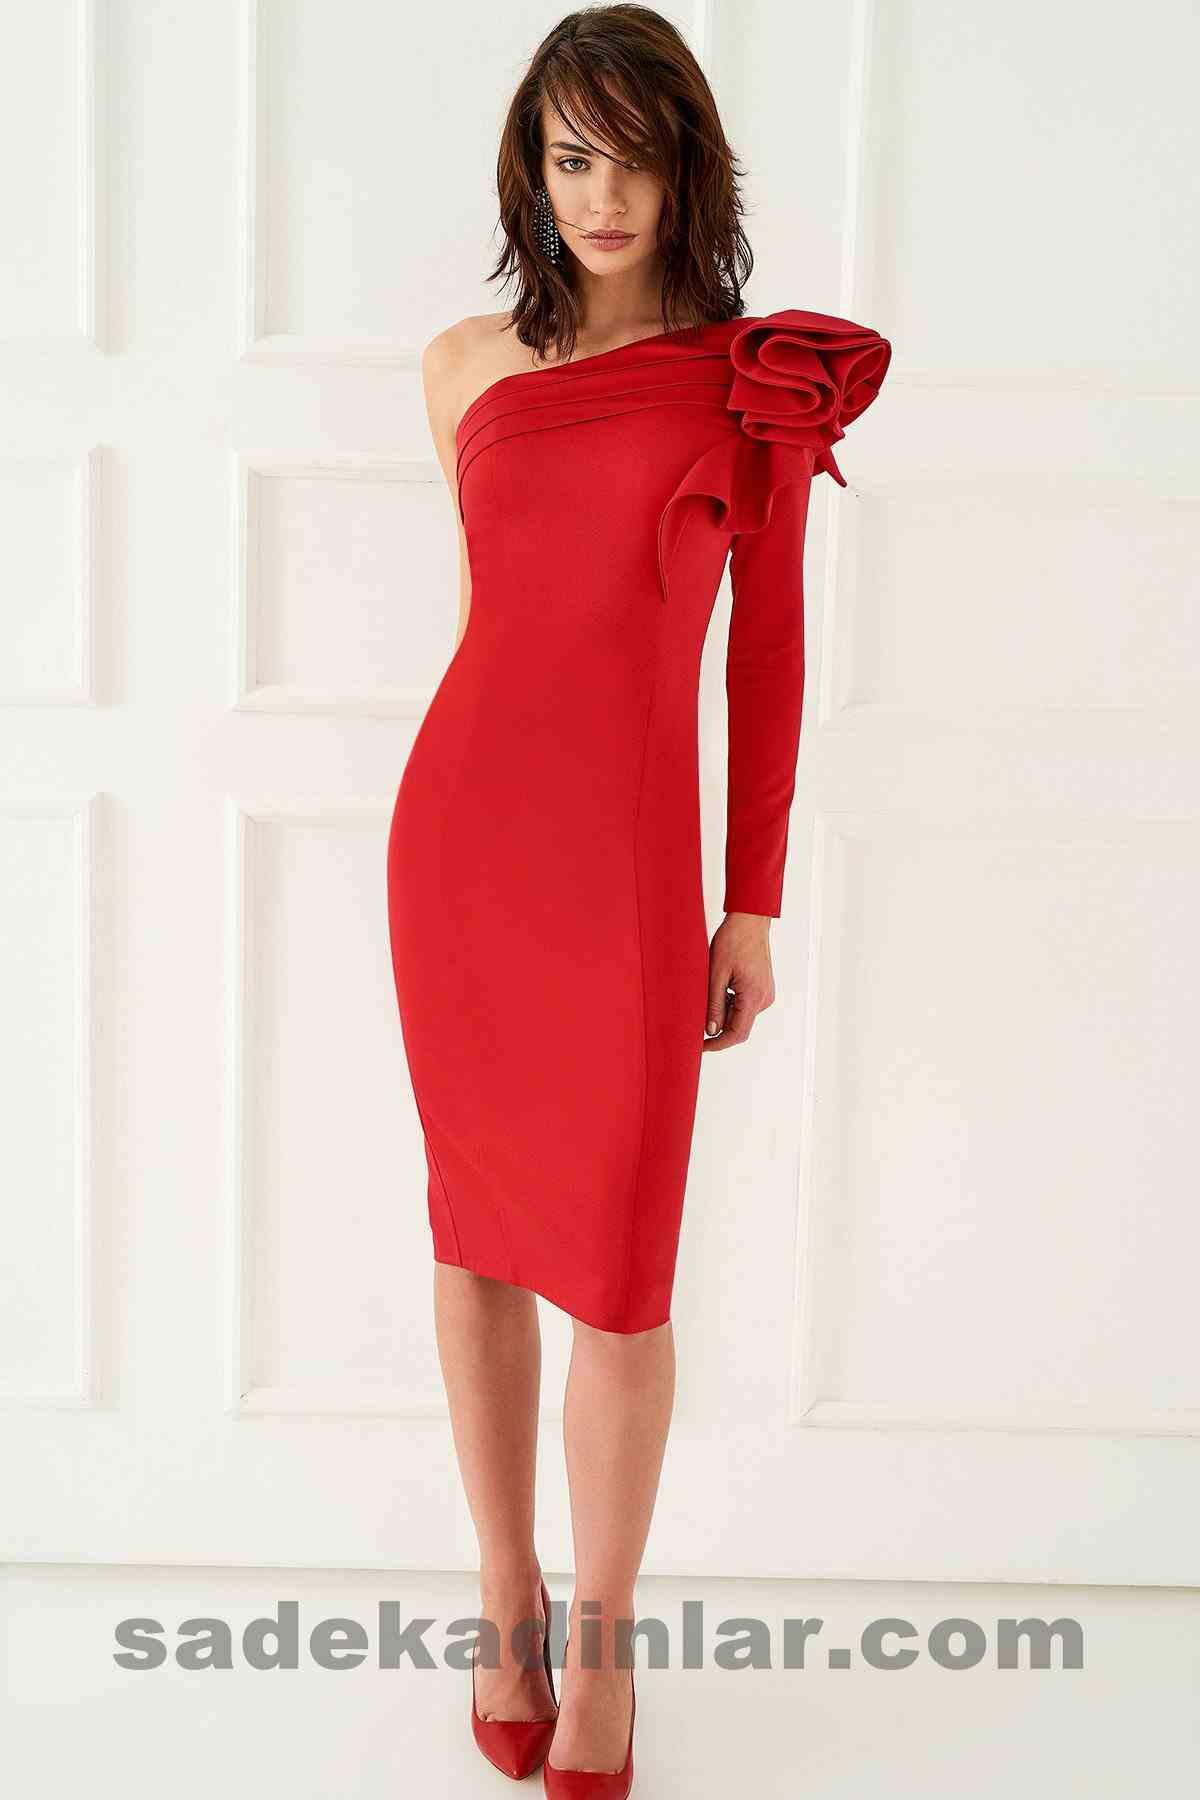 Abiye Elbise Modelleri Şık ve Güzel 2019 Gece Elbiseleri Kırmızı Tek Omuz Midi